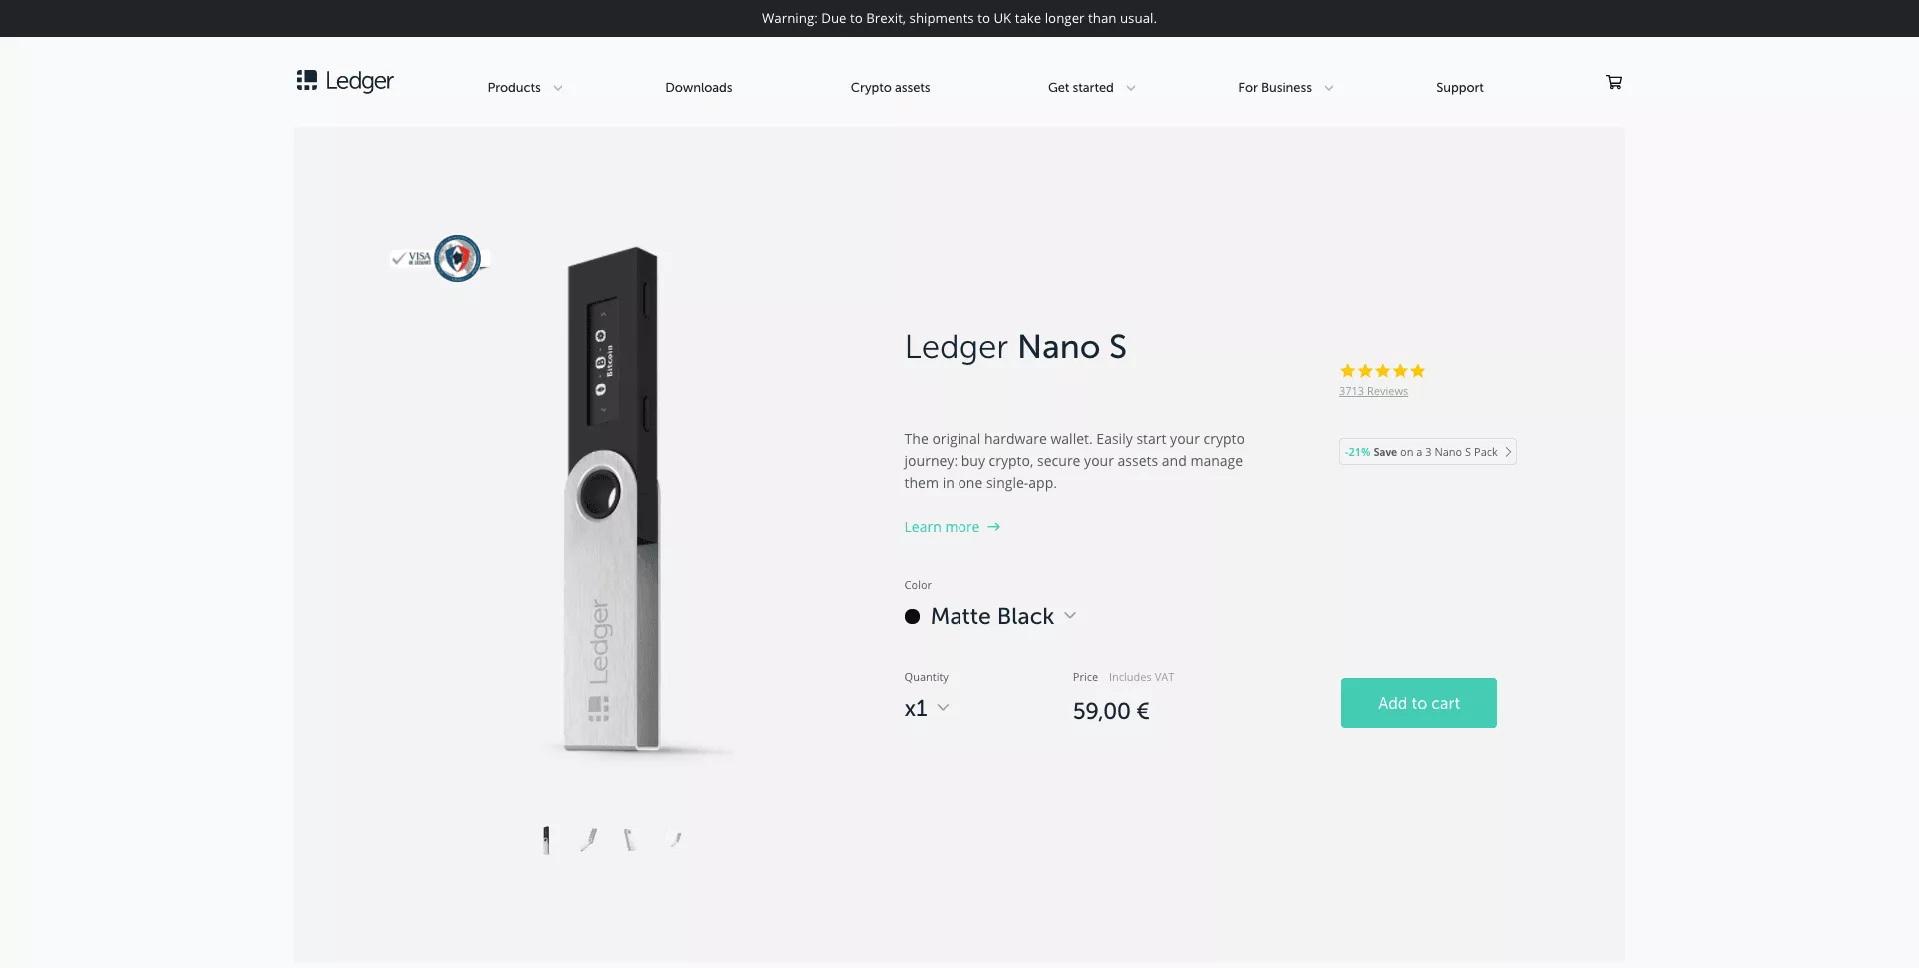 Ledger Nano S Wallet Price